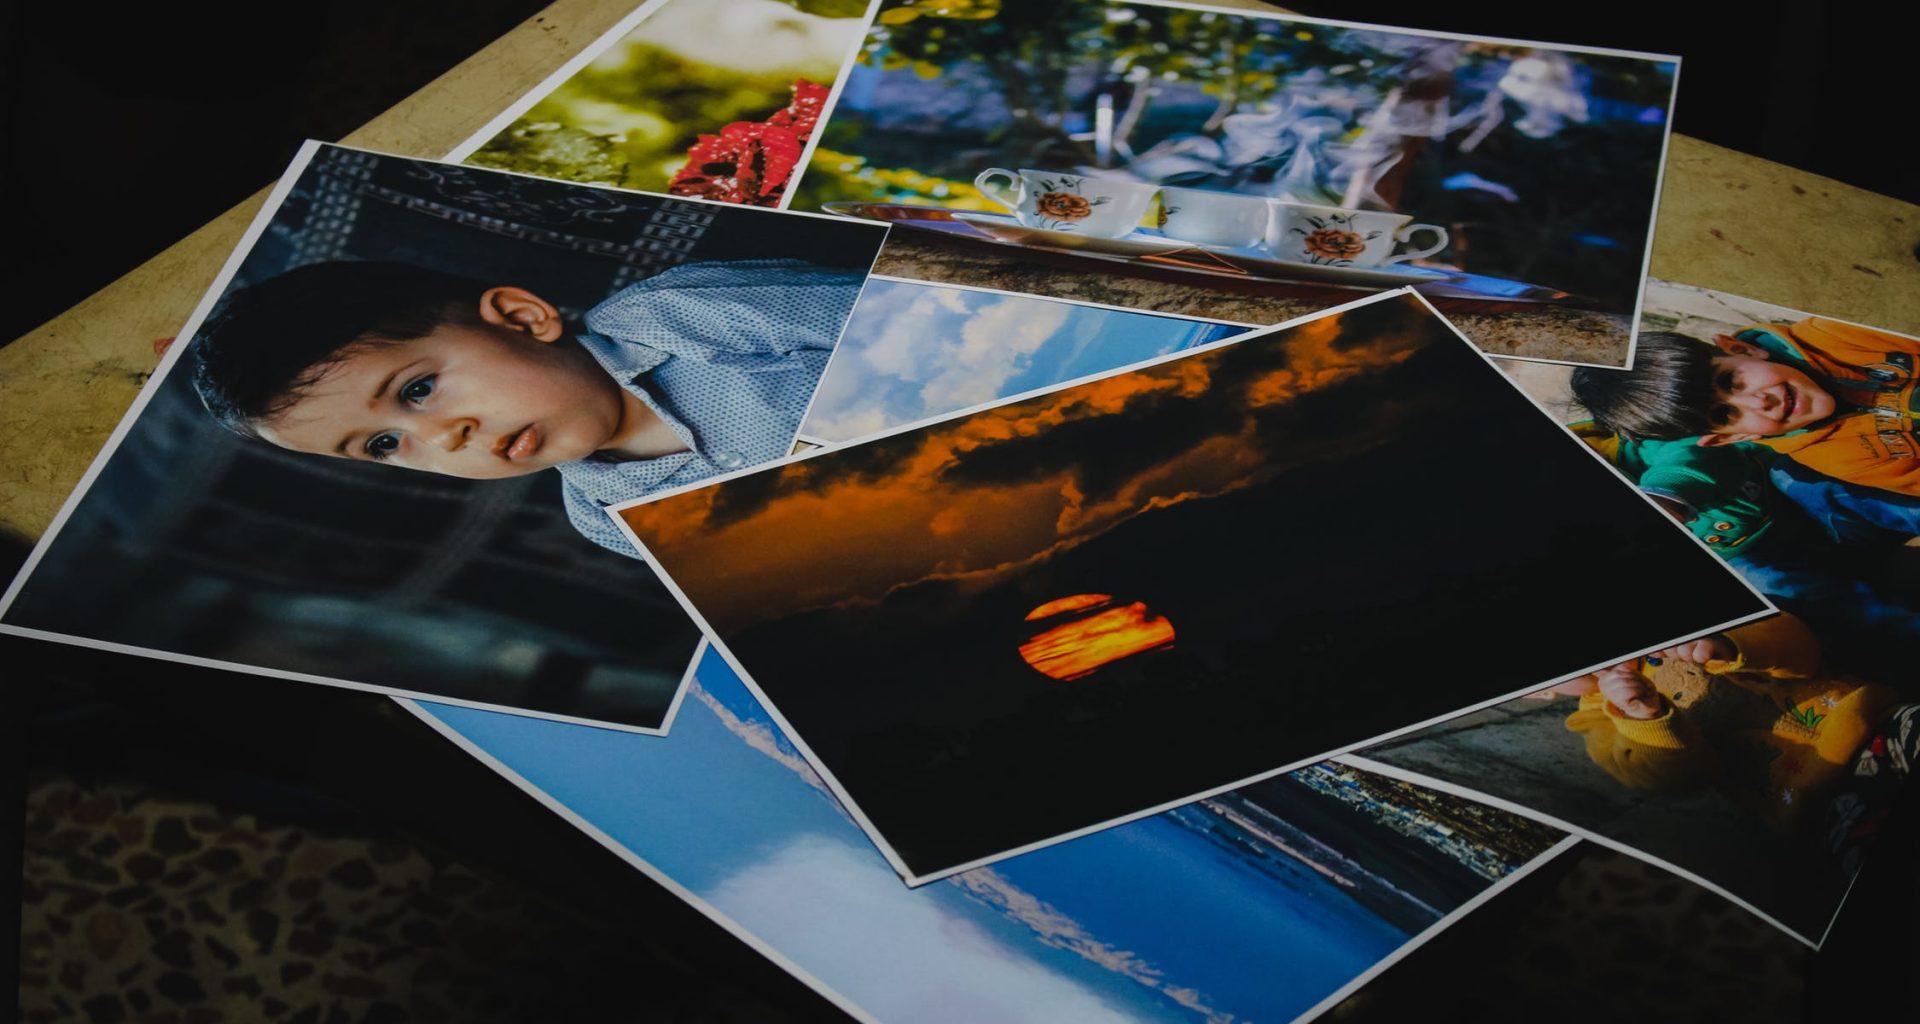 beste fotoprinters van 2021 getest